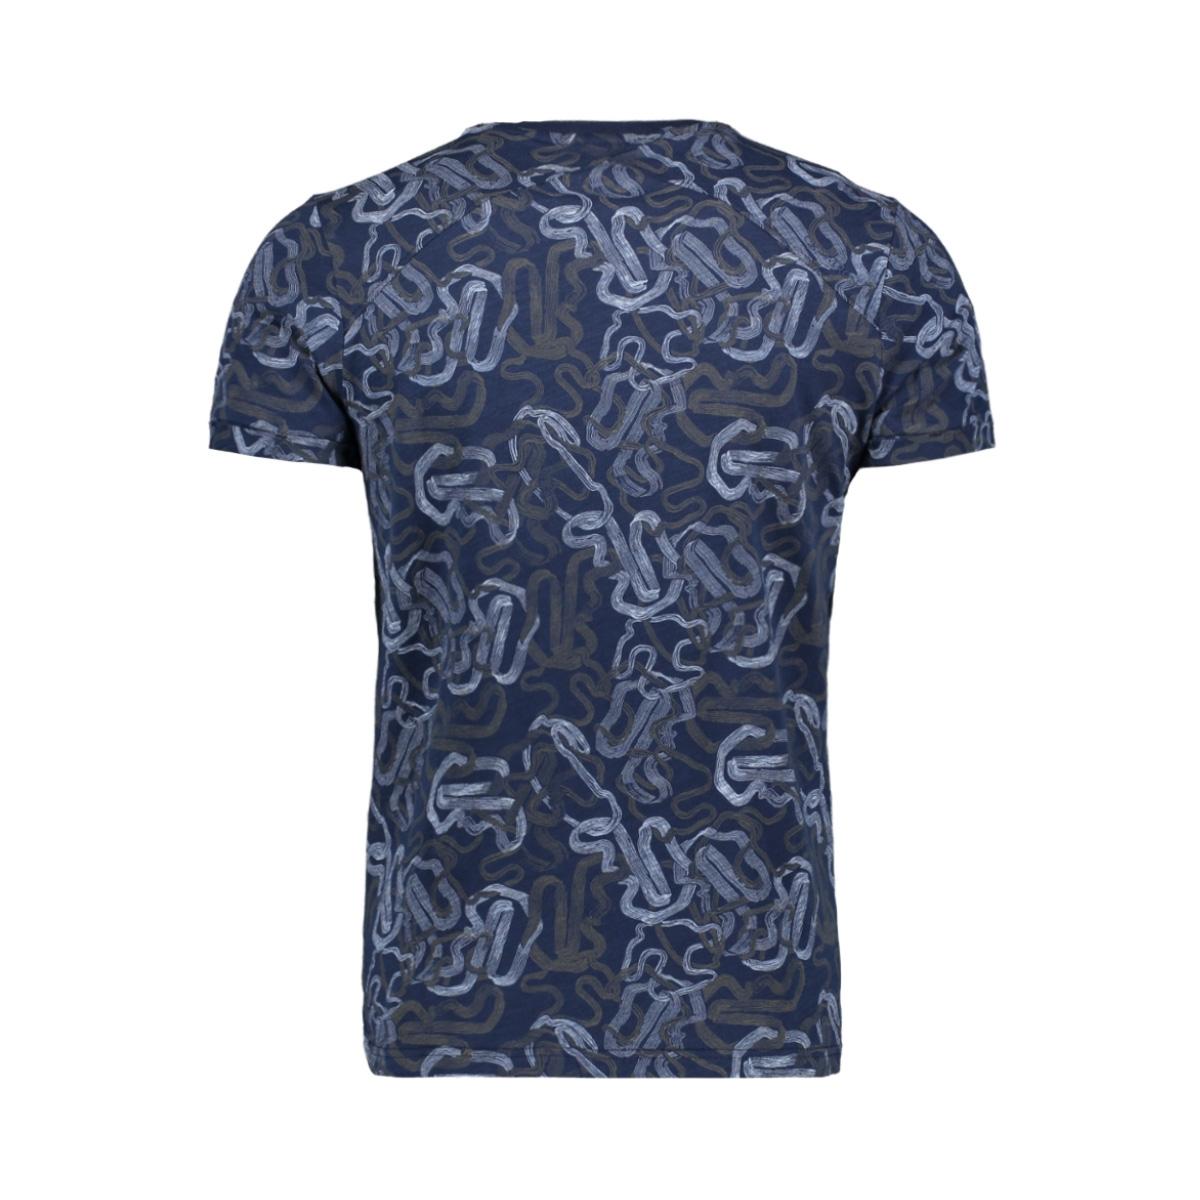 fine jersey melange t shirt ctss203272 cast iron t-shirt 5118